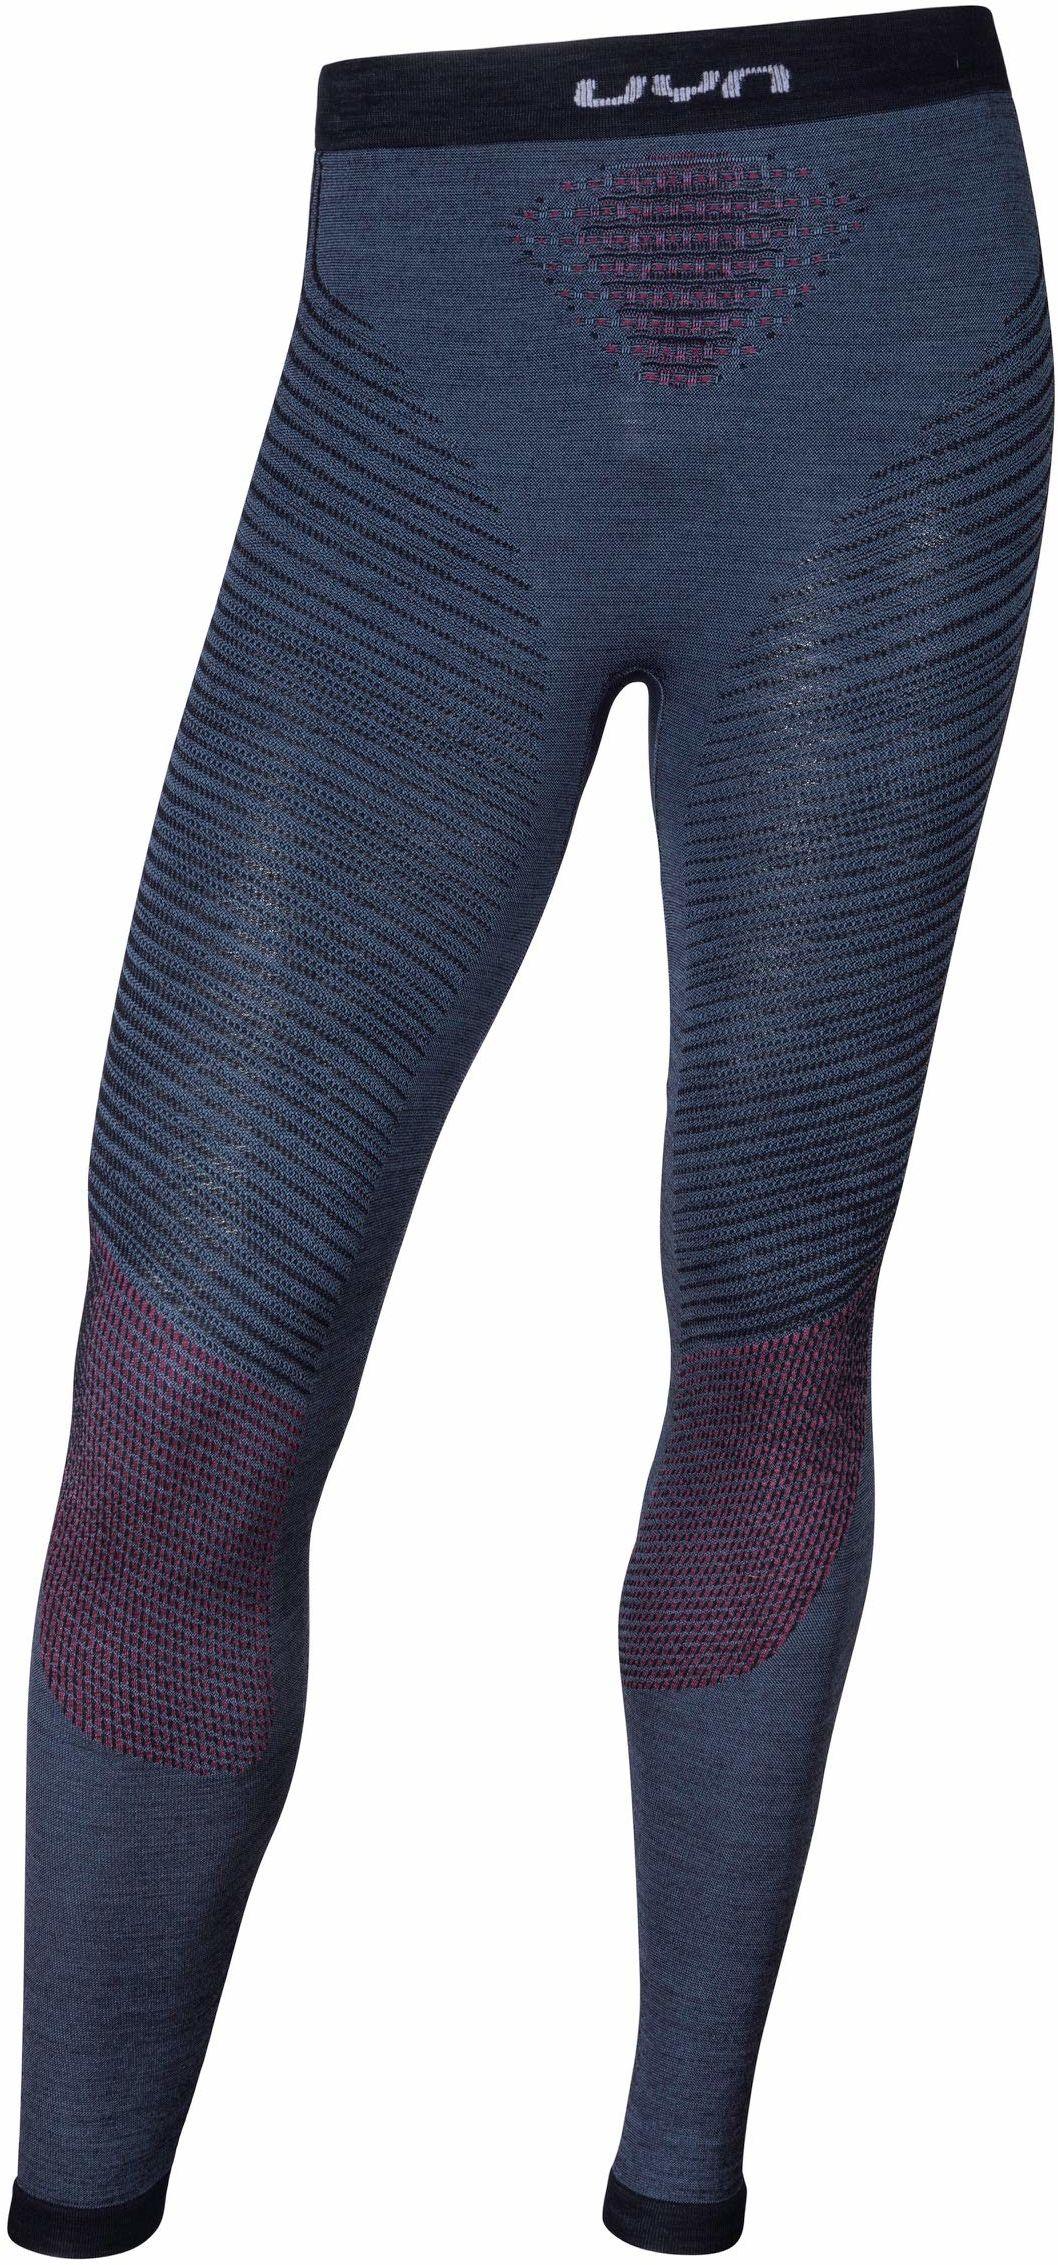 UYN męskie bokserki funkcyjne Fusyon Uw Long Orion Blue/Bordeaux/Pearl Grey, S/M